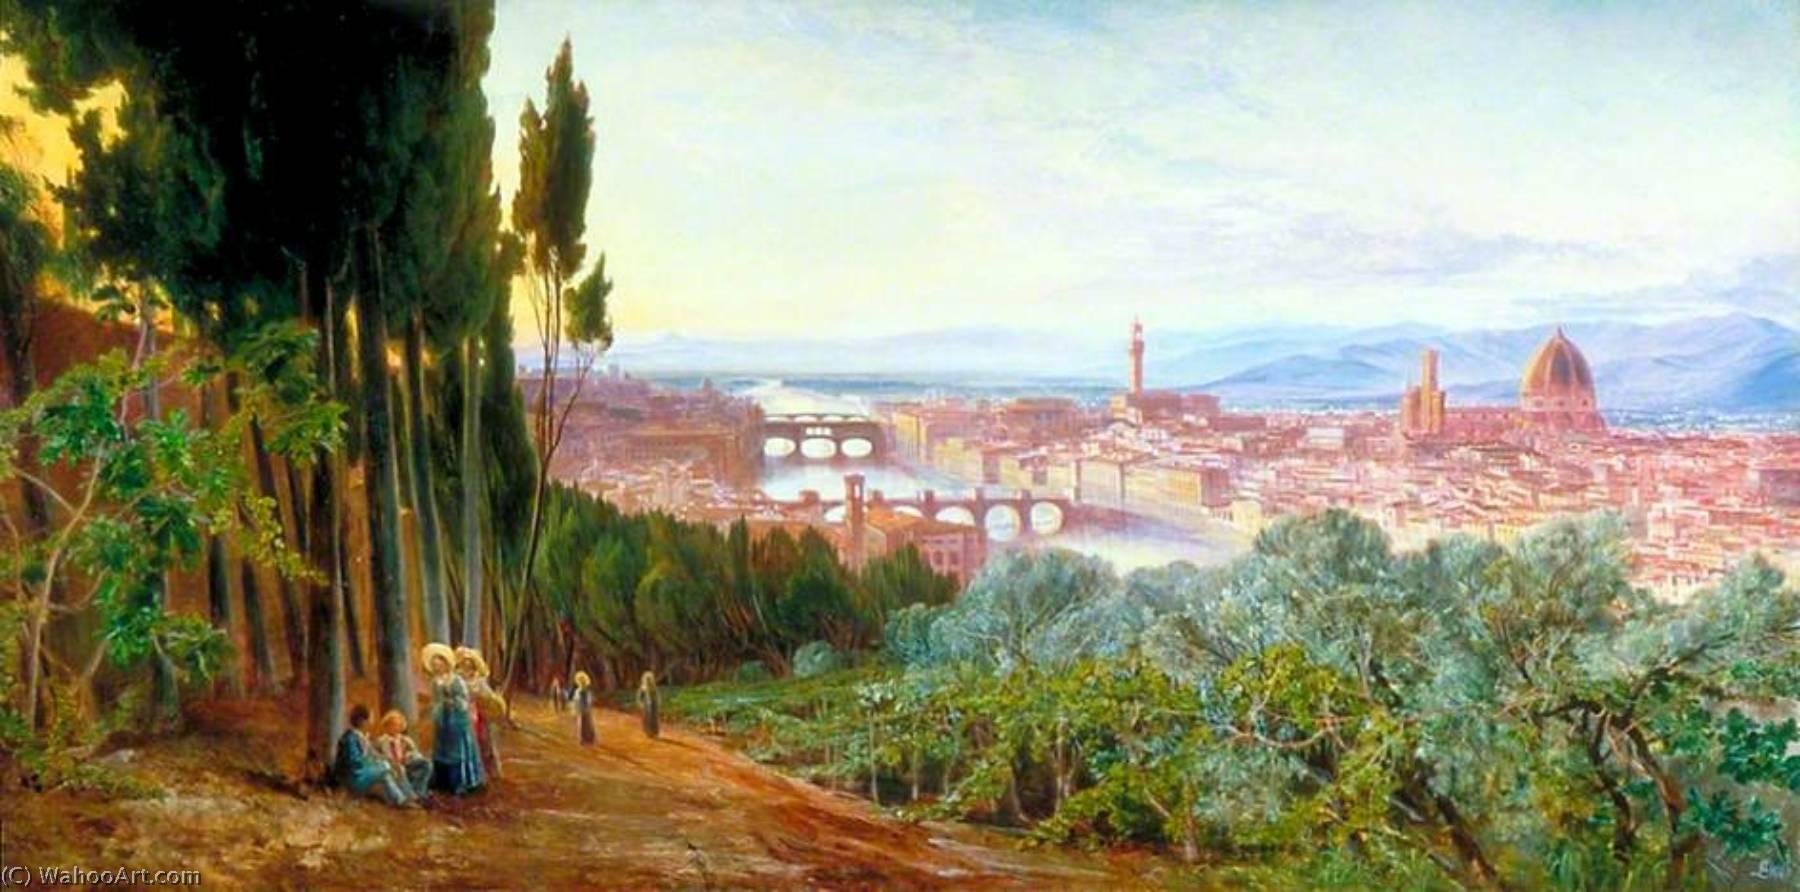 WikiOO.org - Enciclopedia of Fine Arts - Pictura, lucrări de artă Edward Lear - View of Florence from Villa San Firenze